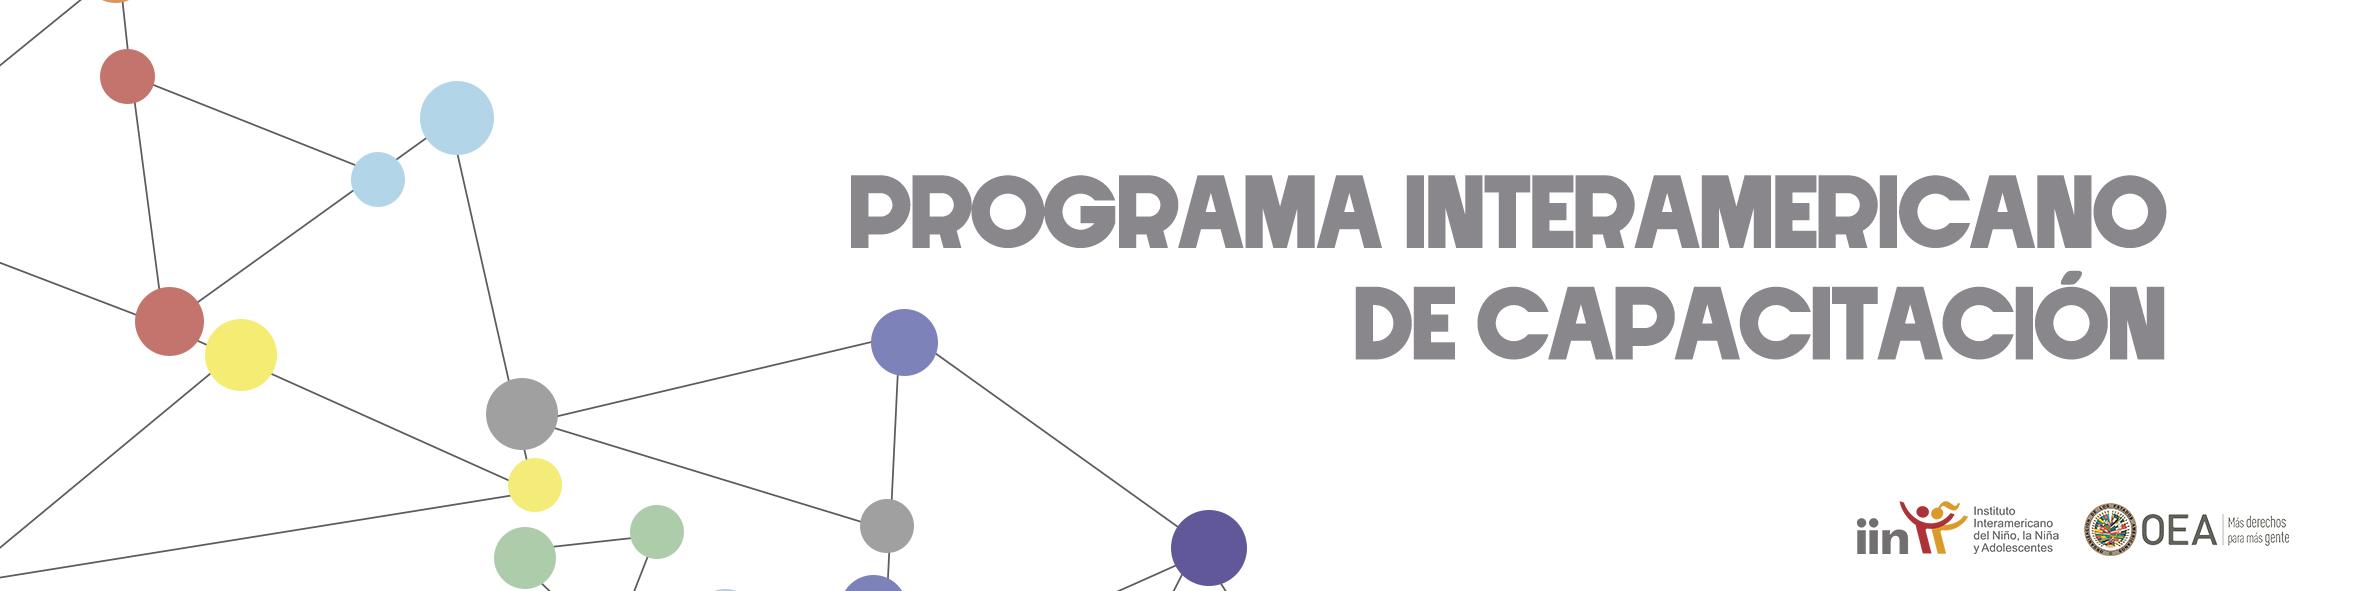 Bienvenidos al Programa Interamericano de Capacitación